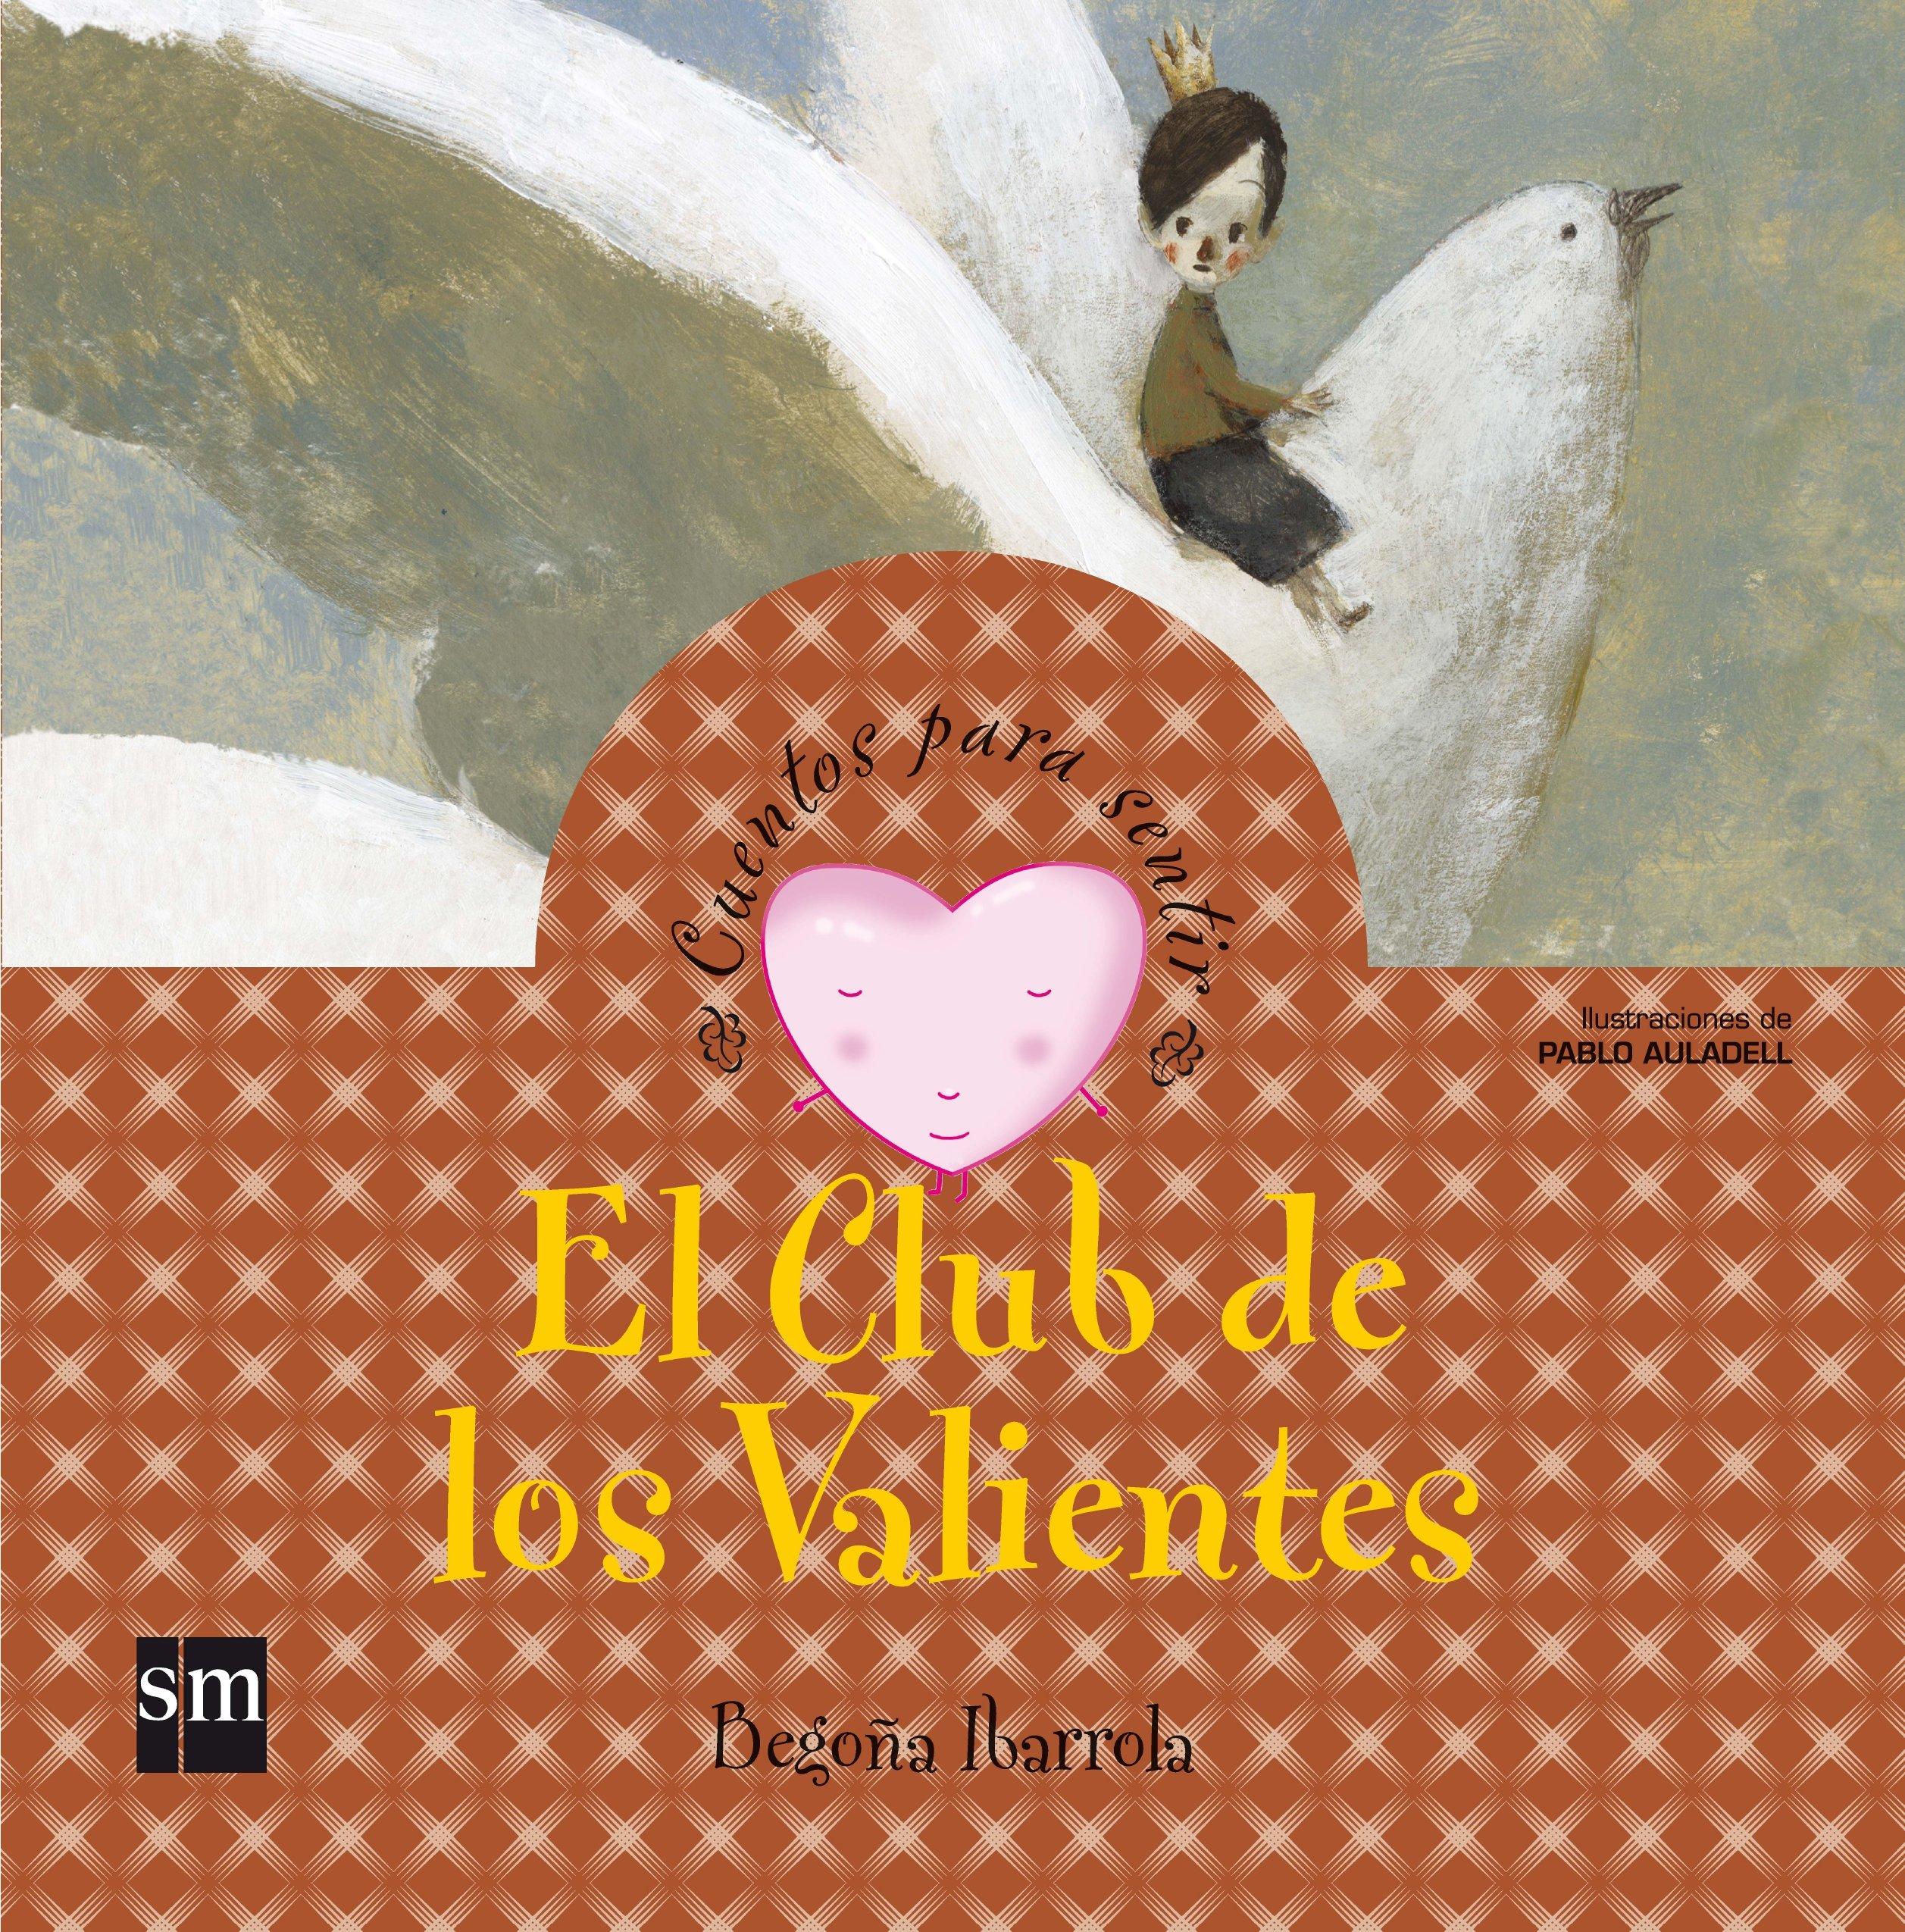 El Club de los Valientes (Cuentos para sentir): Amazon.es: Begoña Ibarrola,  Pablo Auladell Pérez: Libros